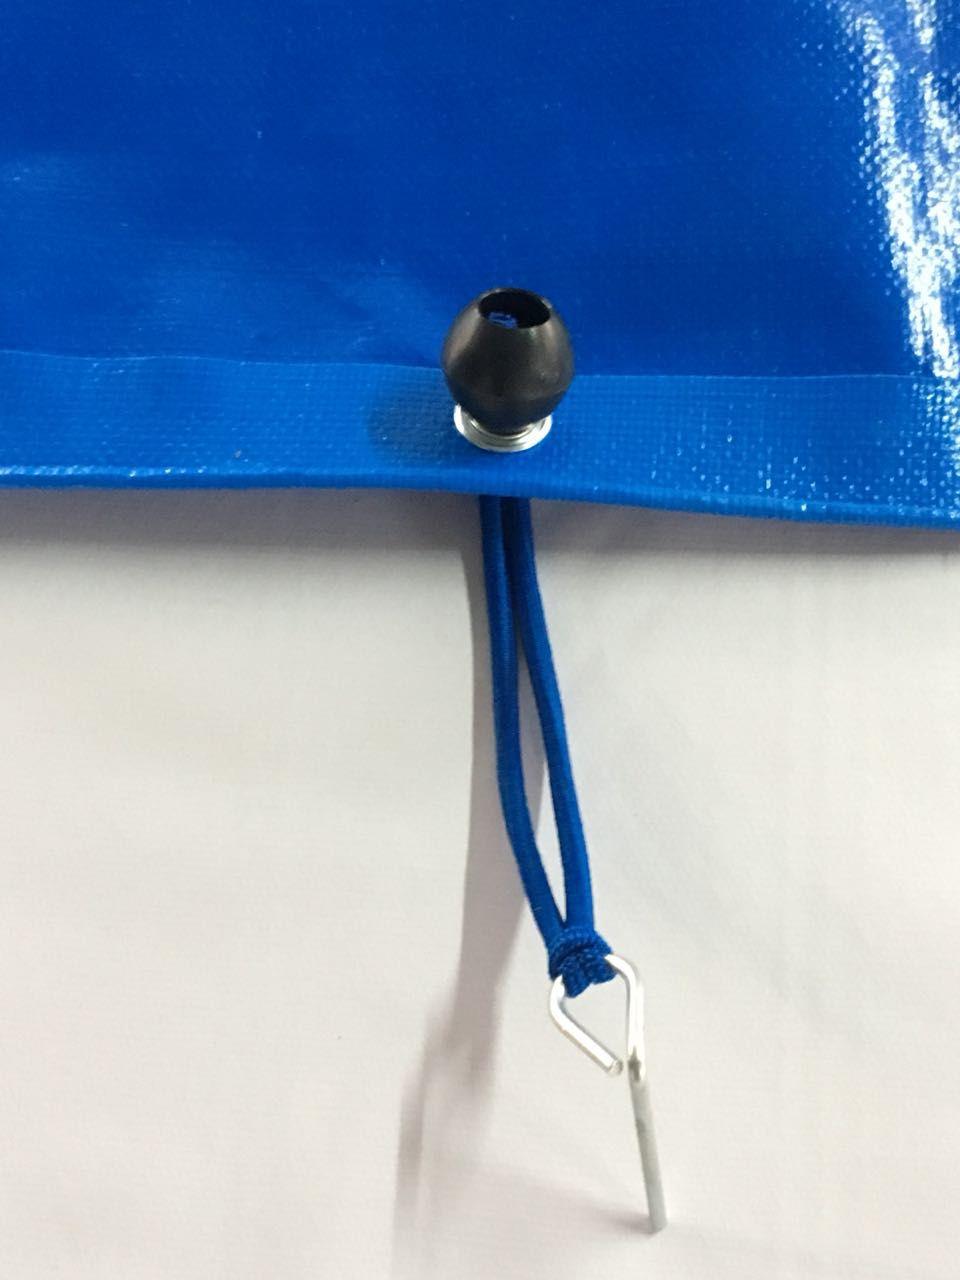 Capa para Piscina SL 300 Azul Completa com Acessórios Pinos e Extensores 3,5x2,5 m